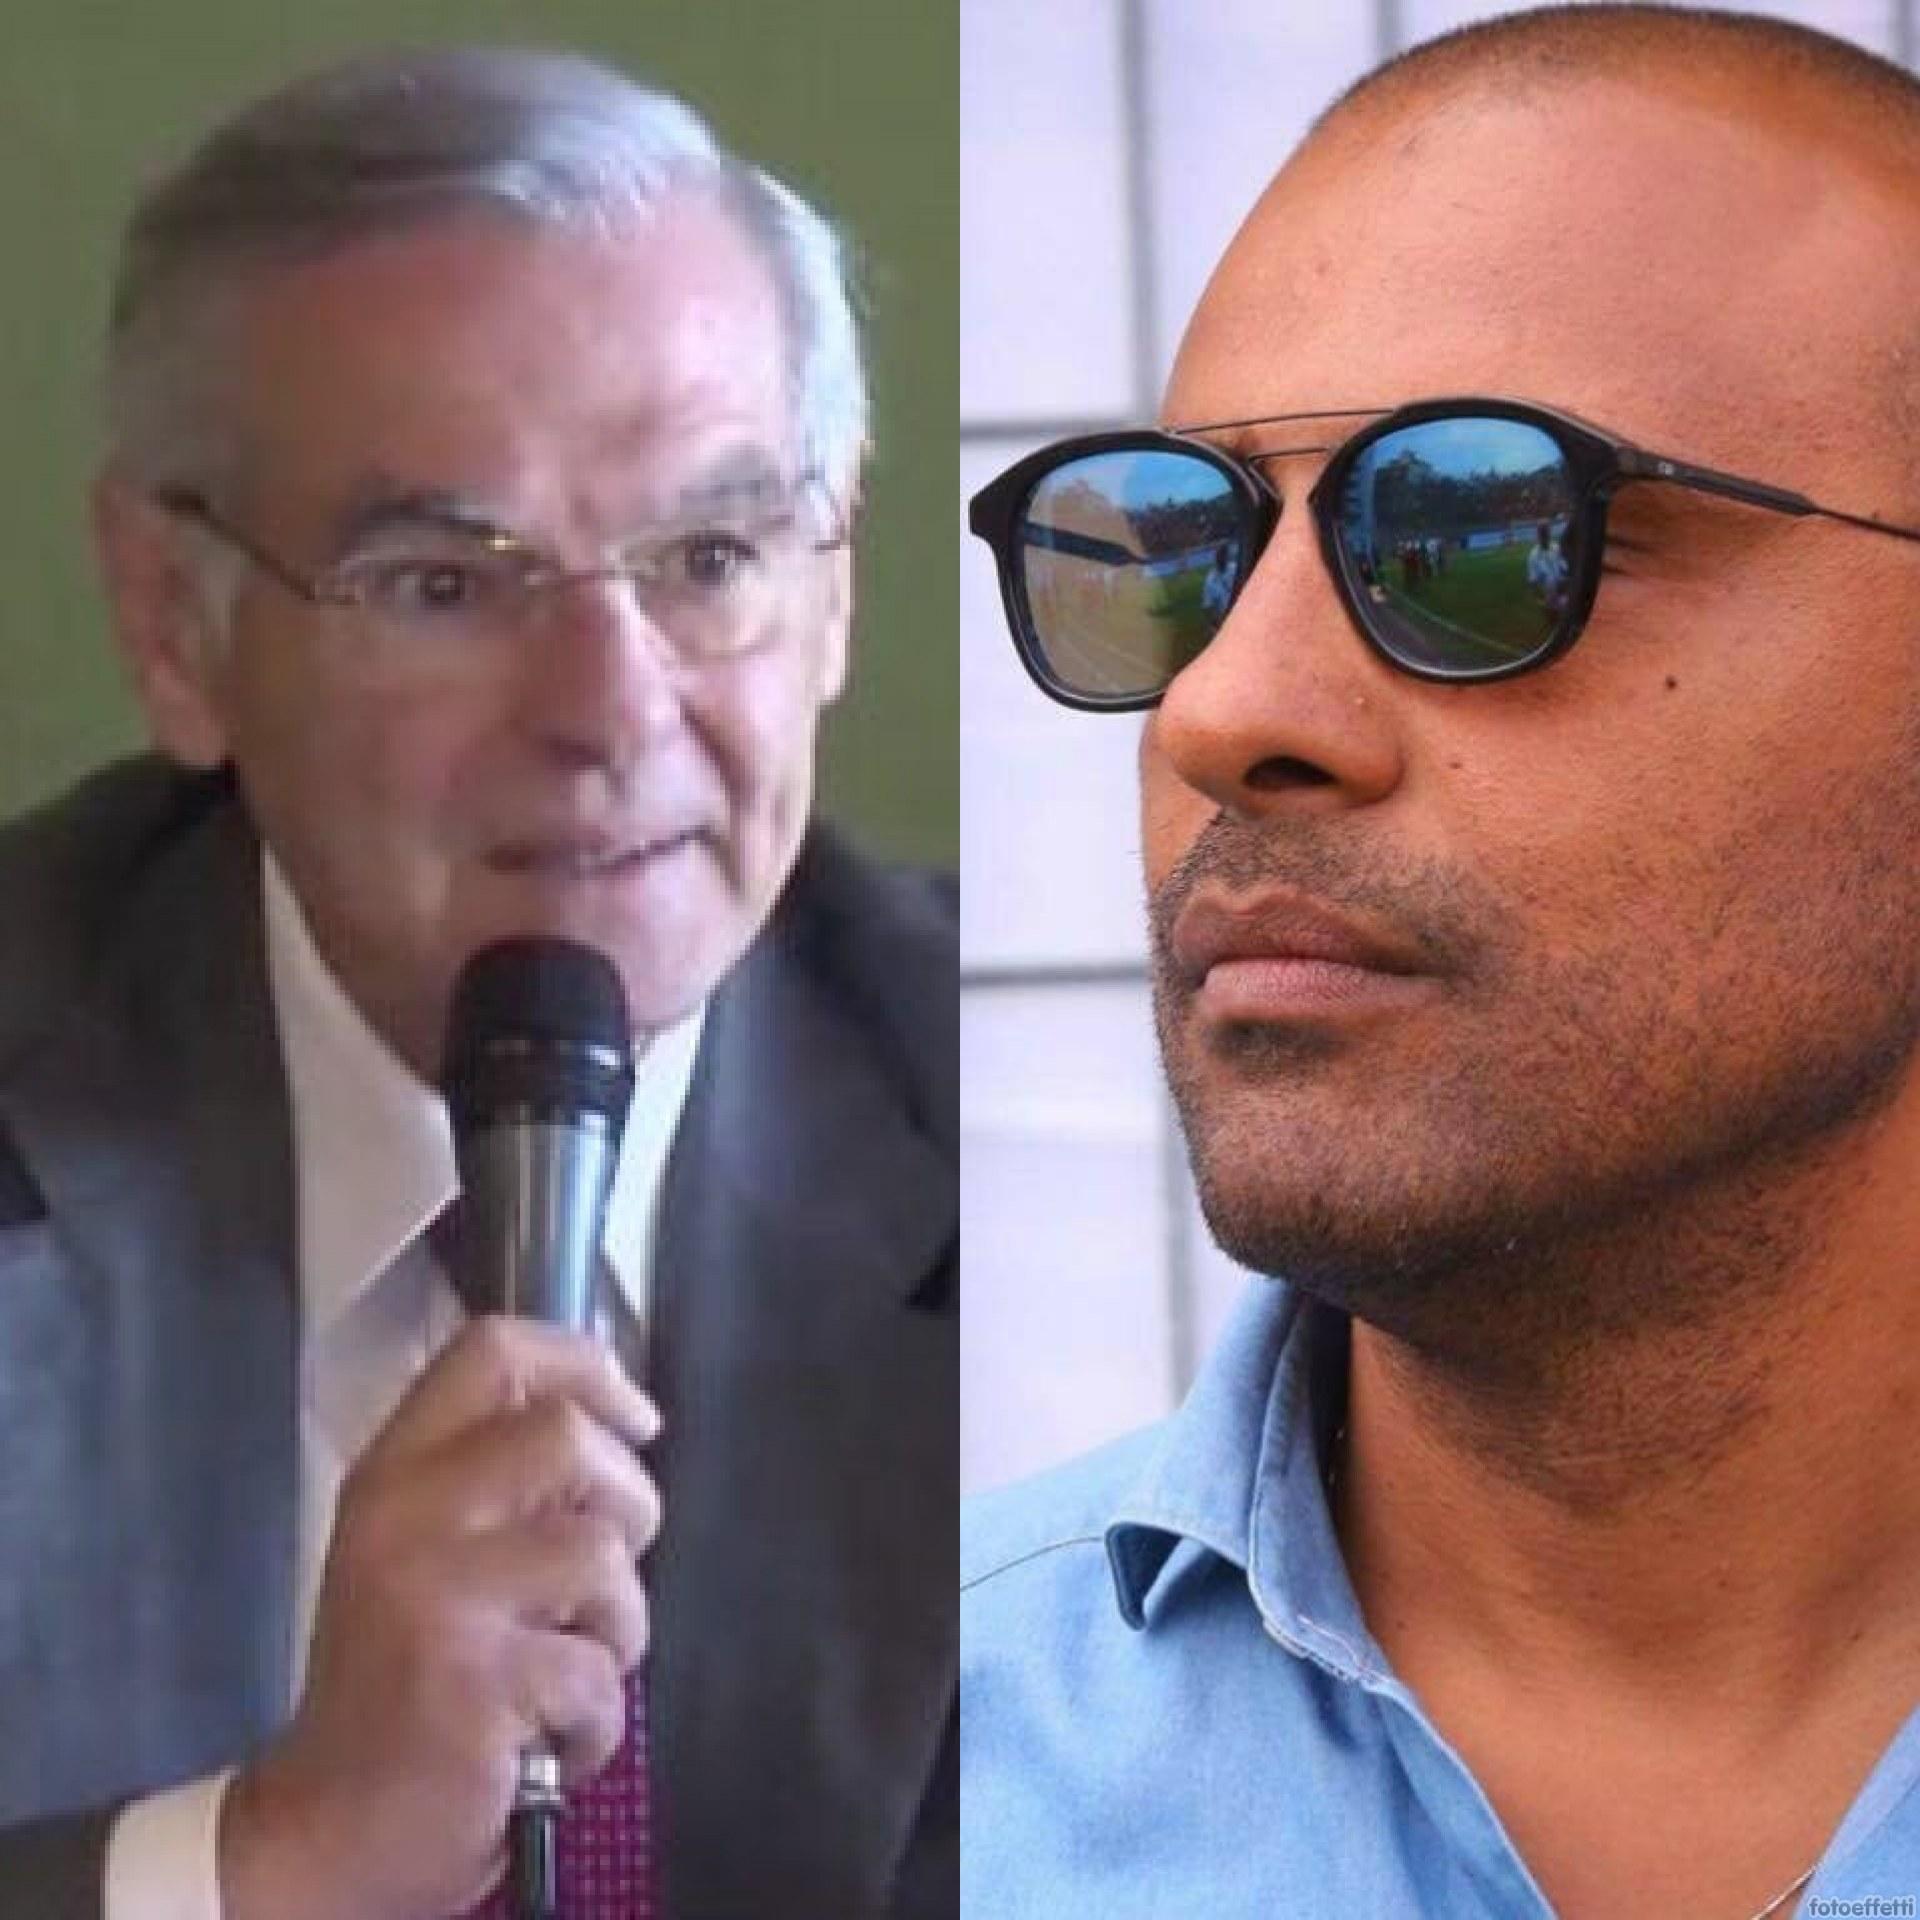 Vincenzo Zaccheo candidato Sindaco di Latina per il centro destra e Pasquale Maietta ex deputato di Fratelli d'Italia ed ex Presidente del Latina Calcio